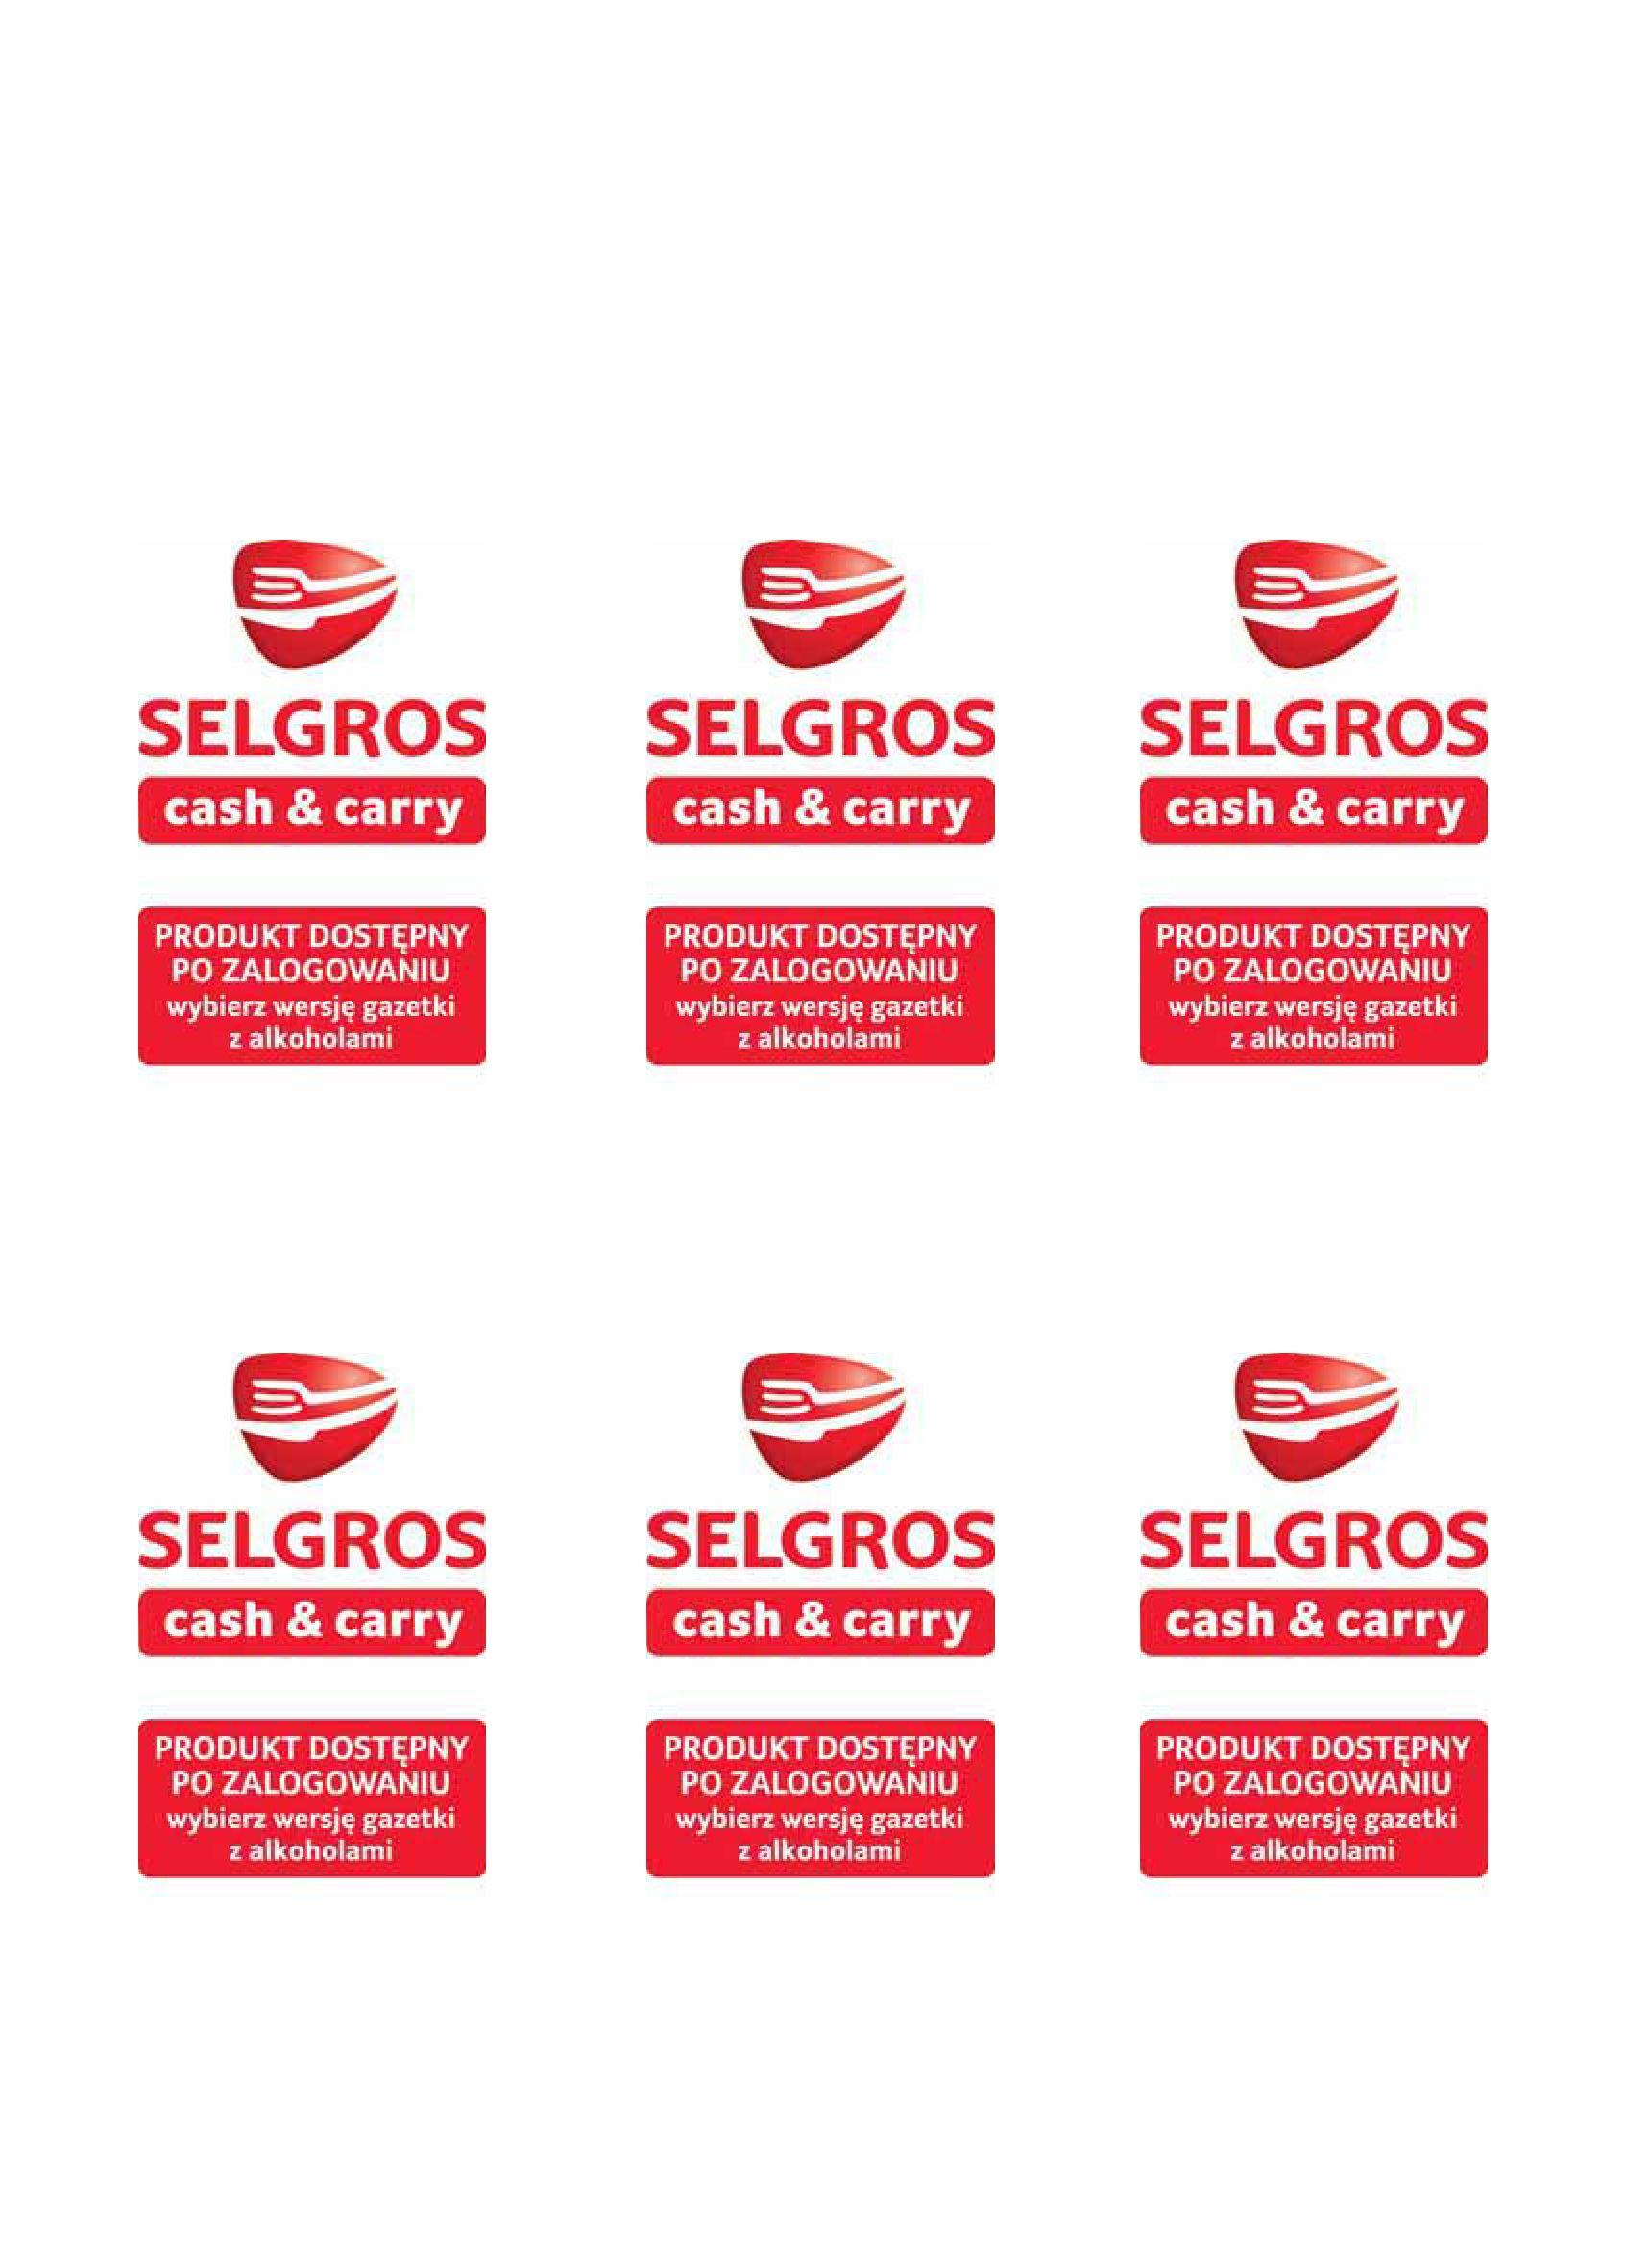 Gazetka Selgros - Oferta spożywcza-05.02.2020-19.02.2020-page-21